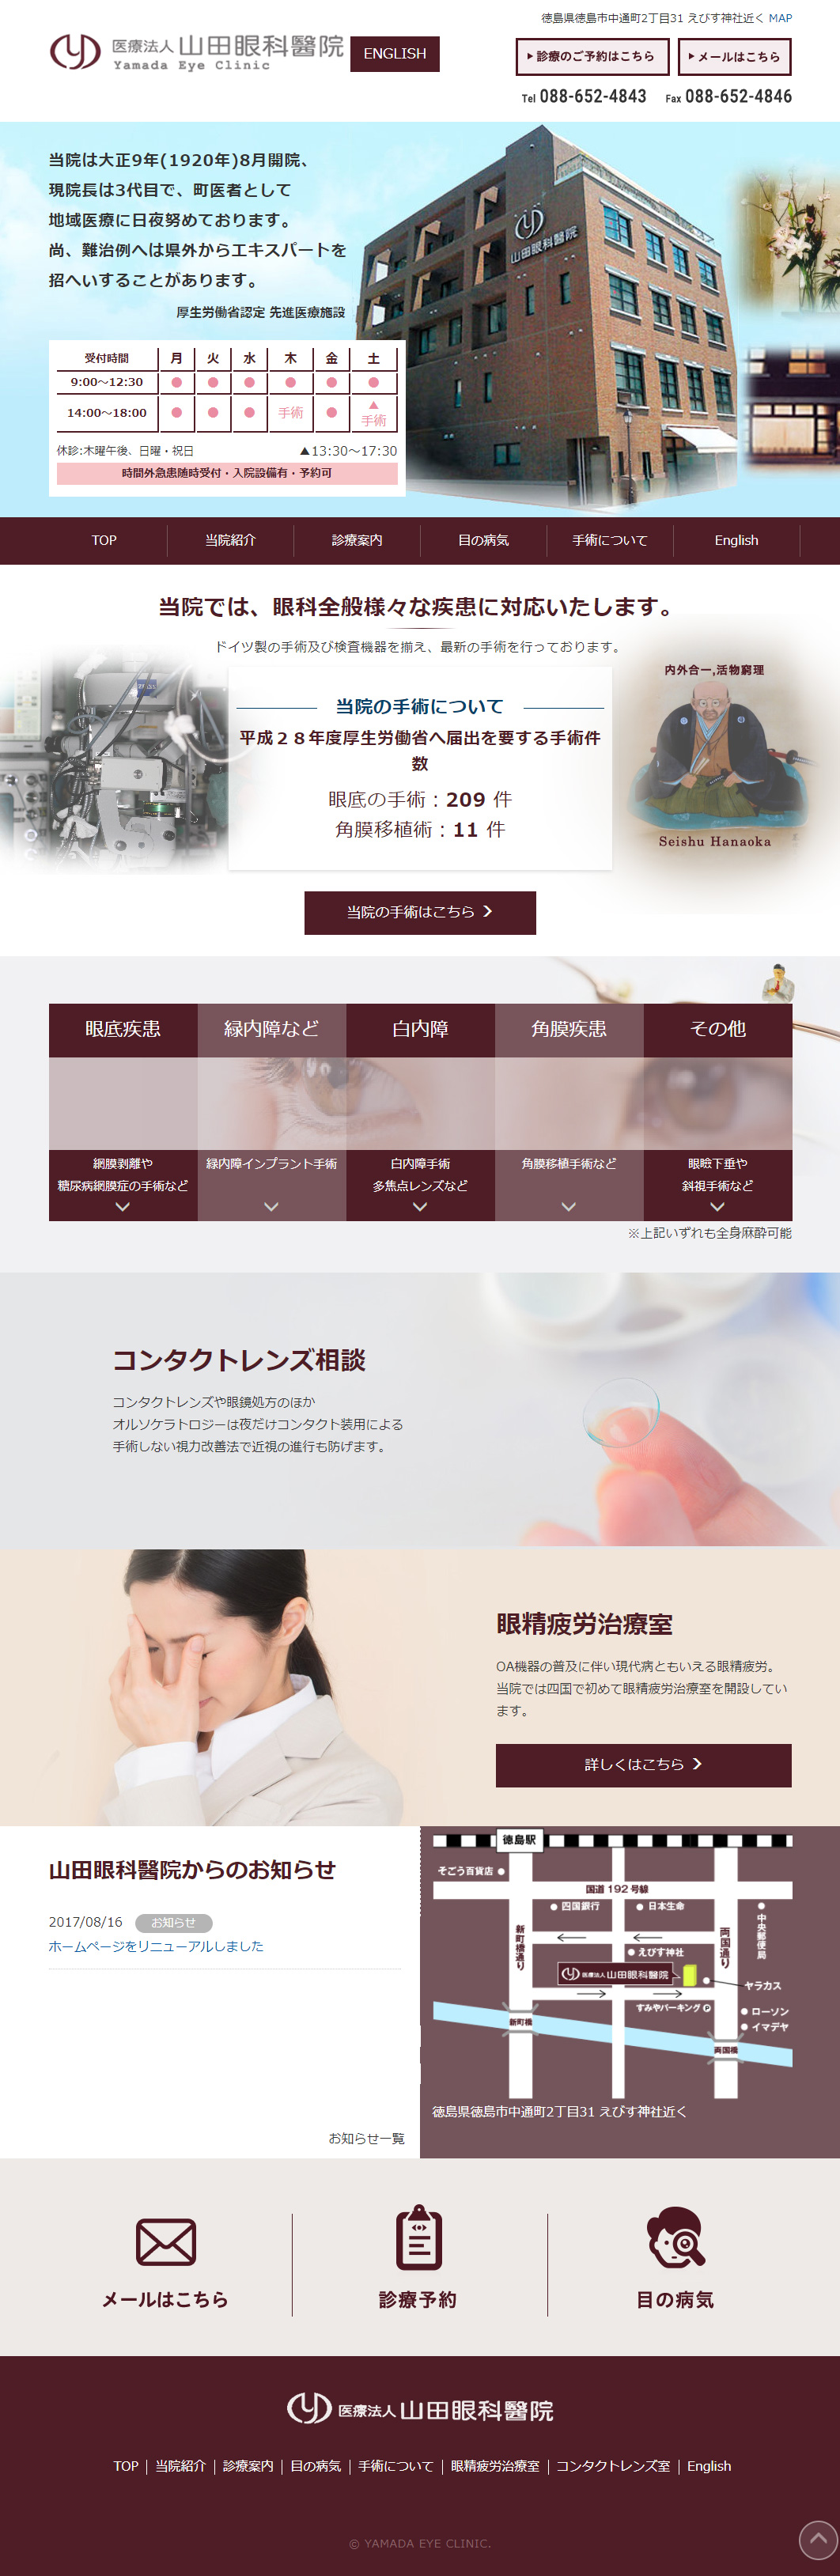 山田眼科醫院